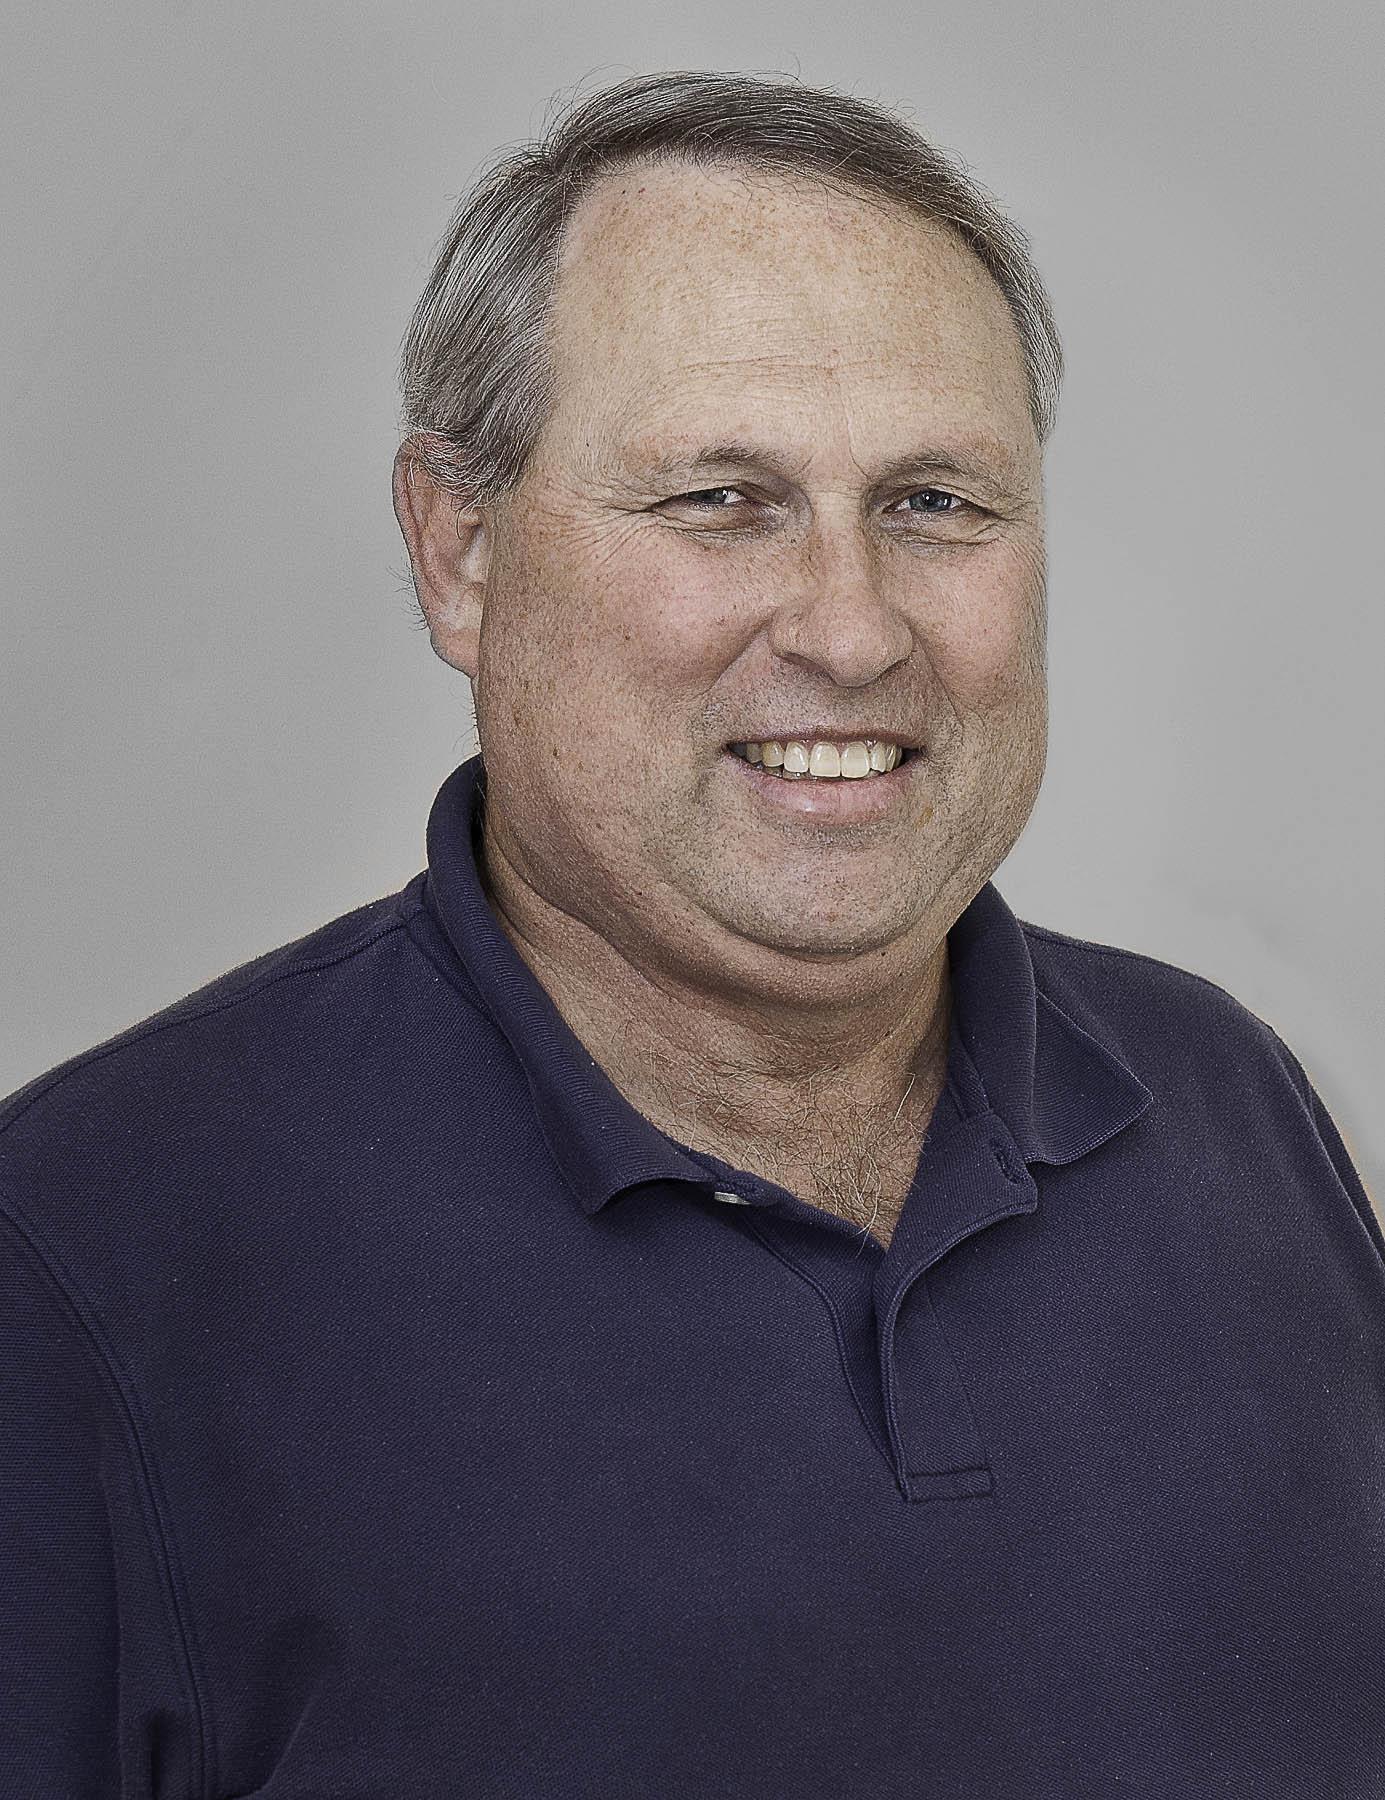 Len Riedel